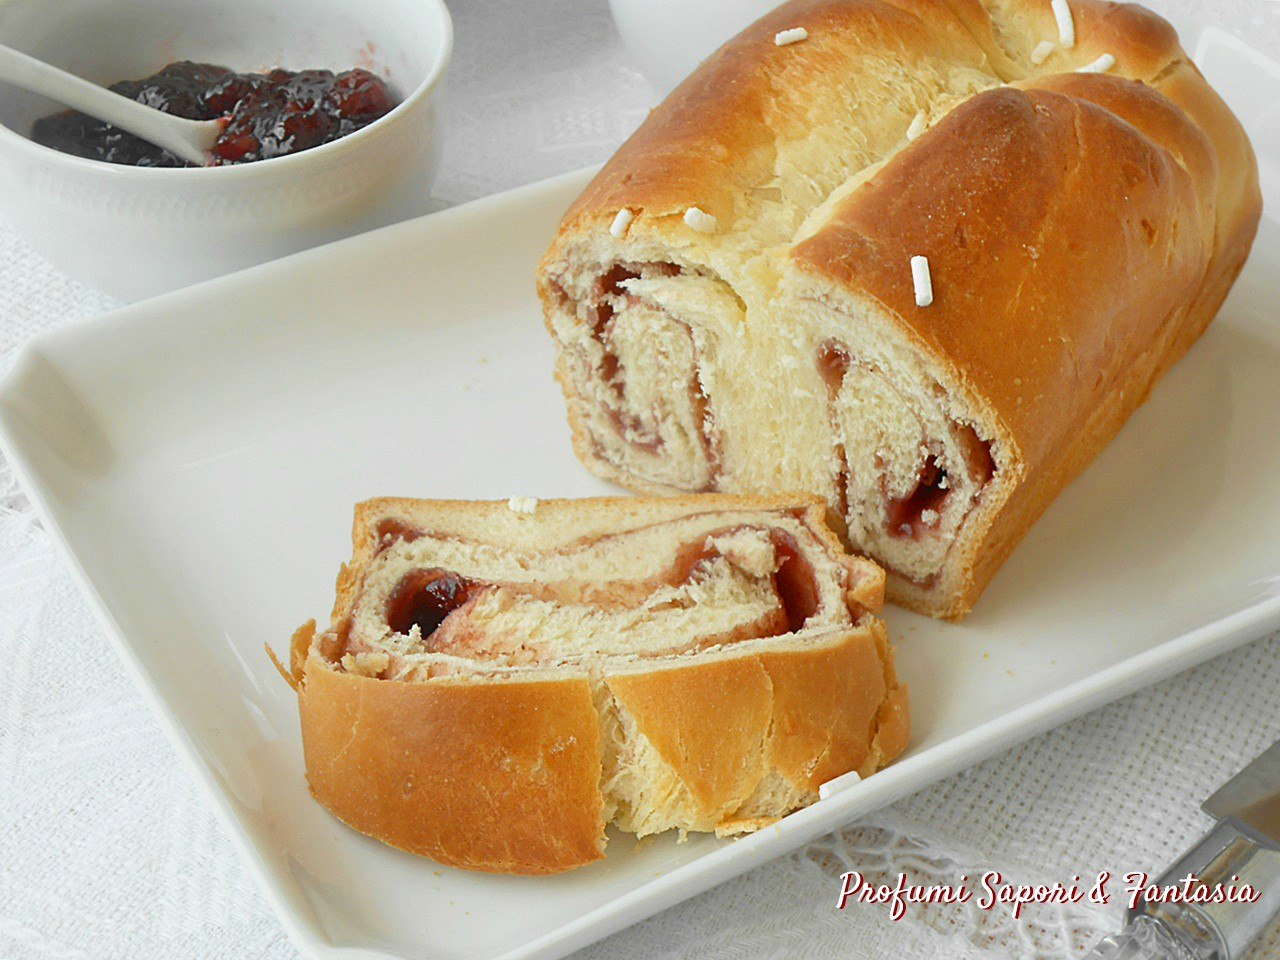 Pan brioche dolce, arrotolato e farcito